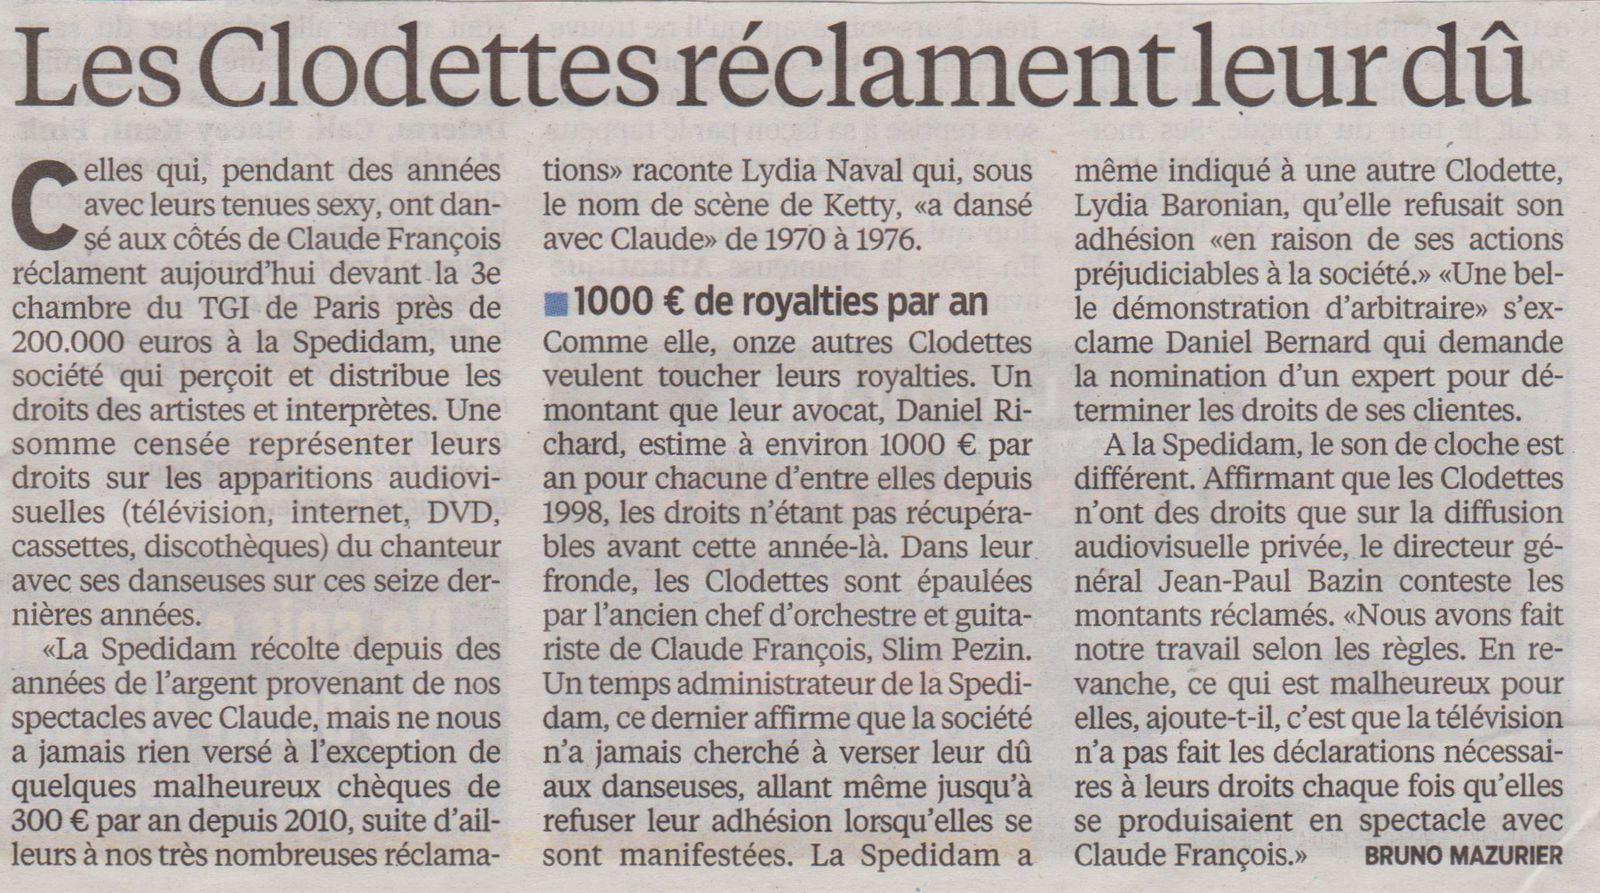 Le Parisien le 24 mai 2013